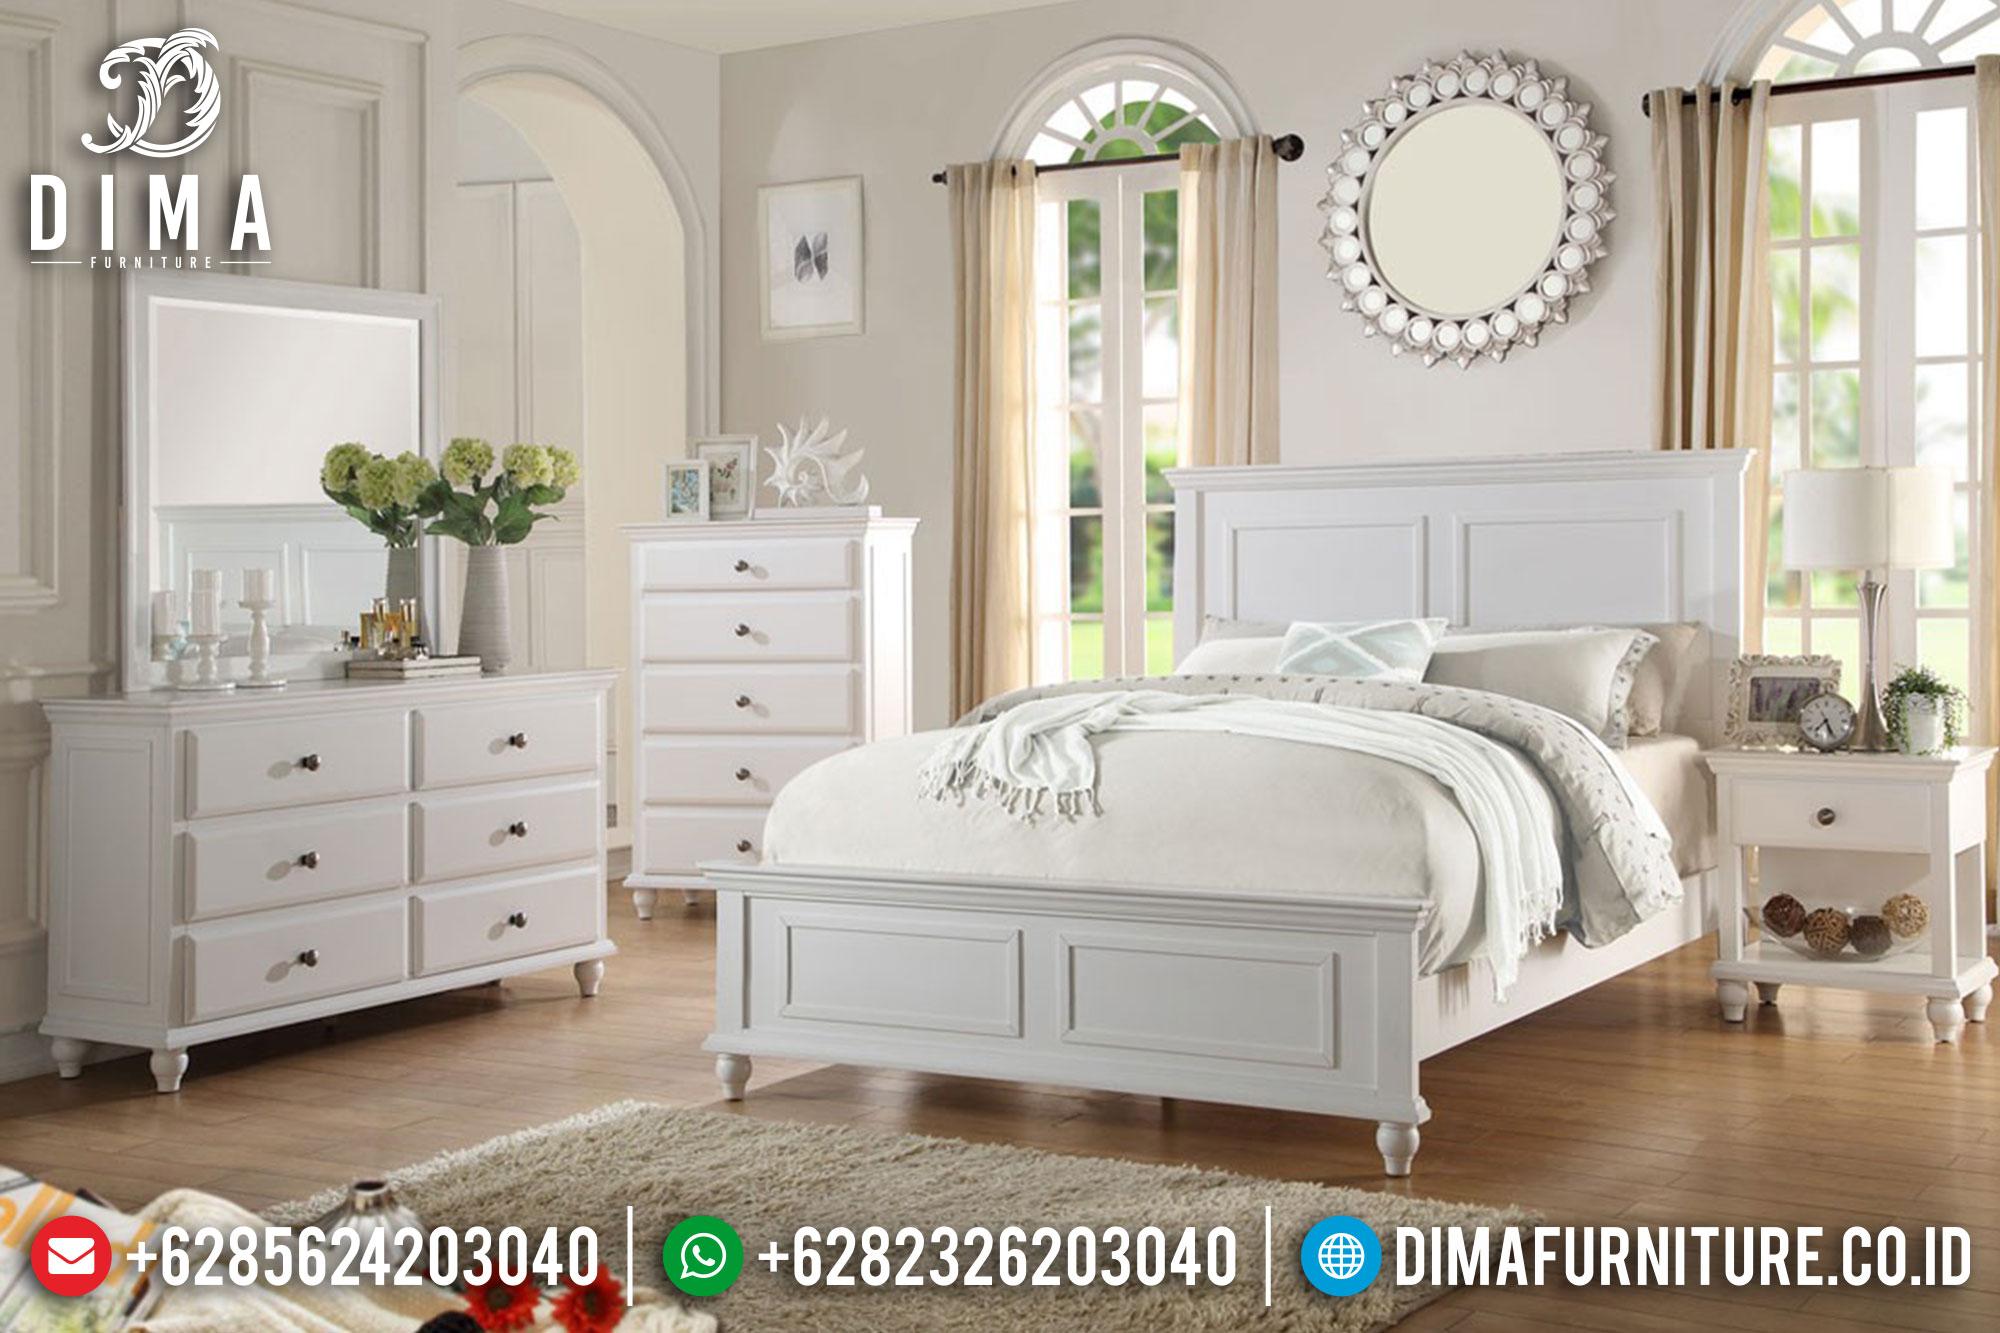 Kamar Set Minimalis Jepara, Set Kamar Tidur Mewah, Dipan Minimalis Terbaru ST-0407